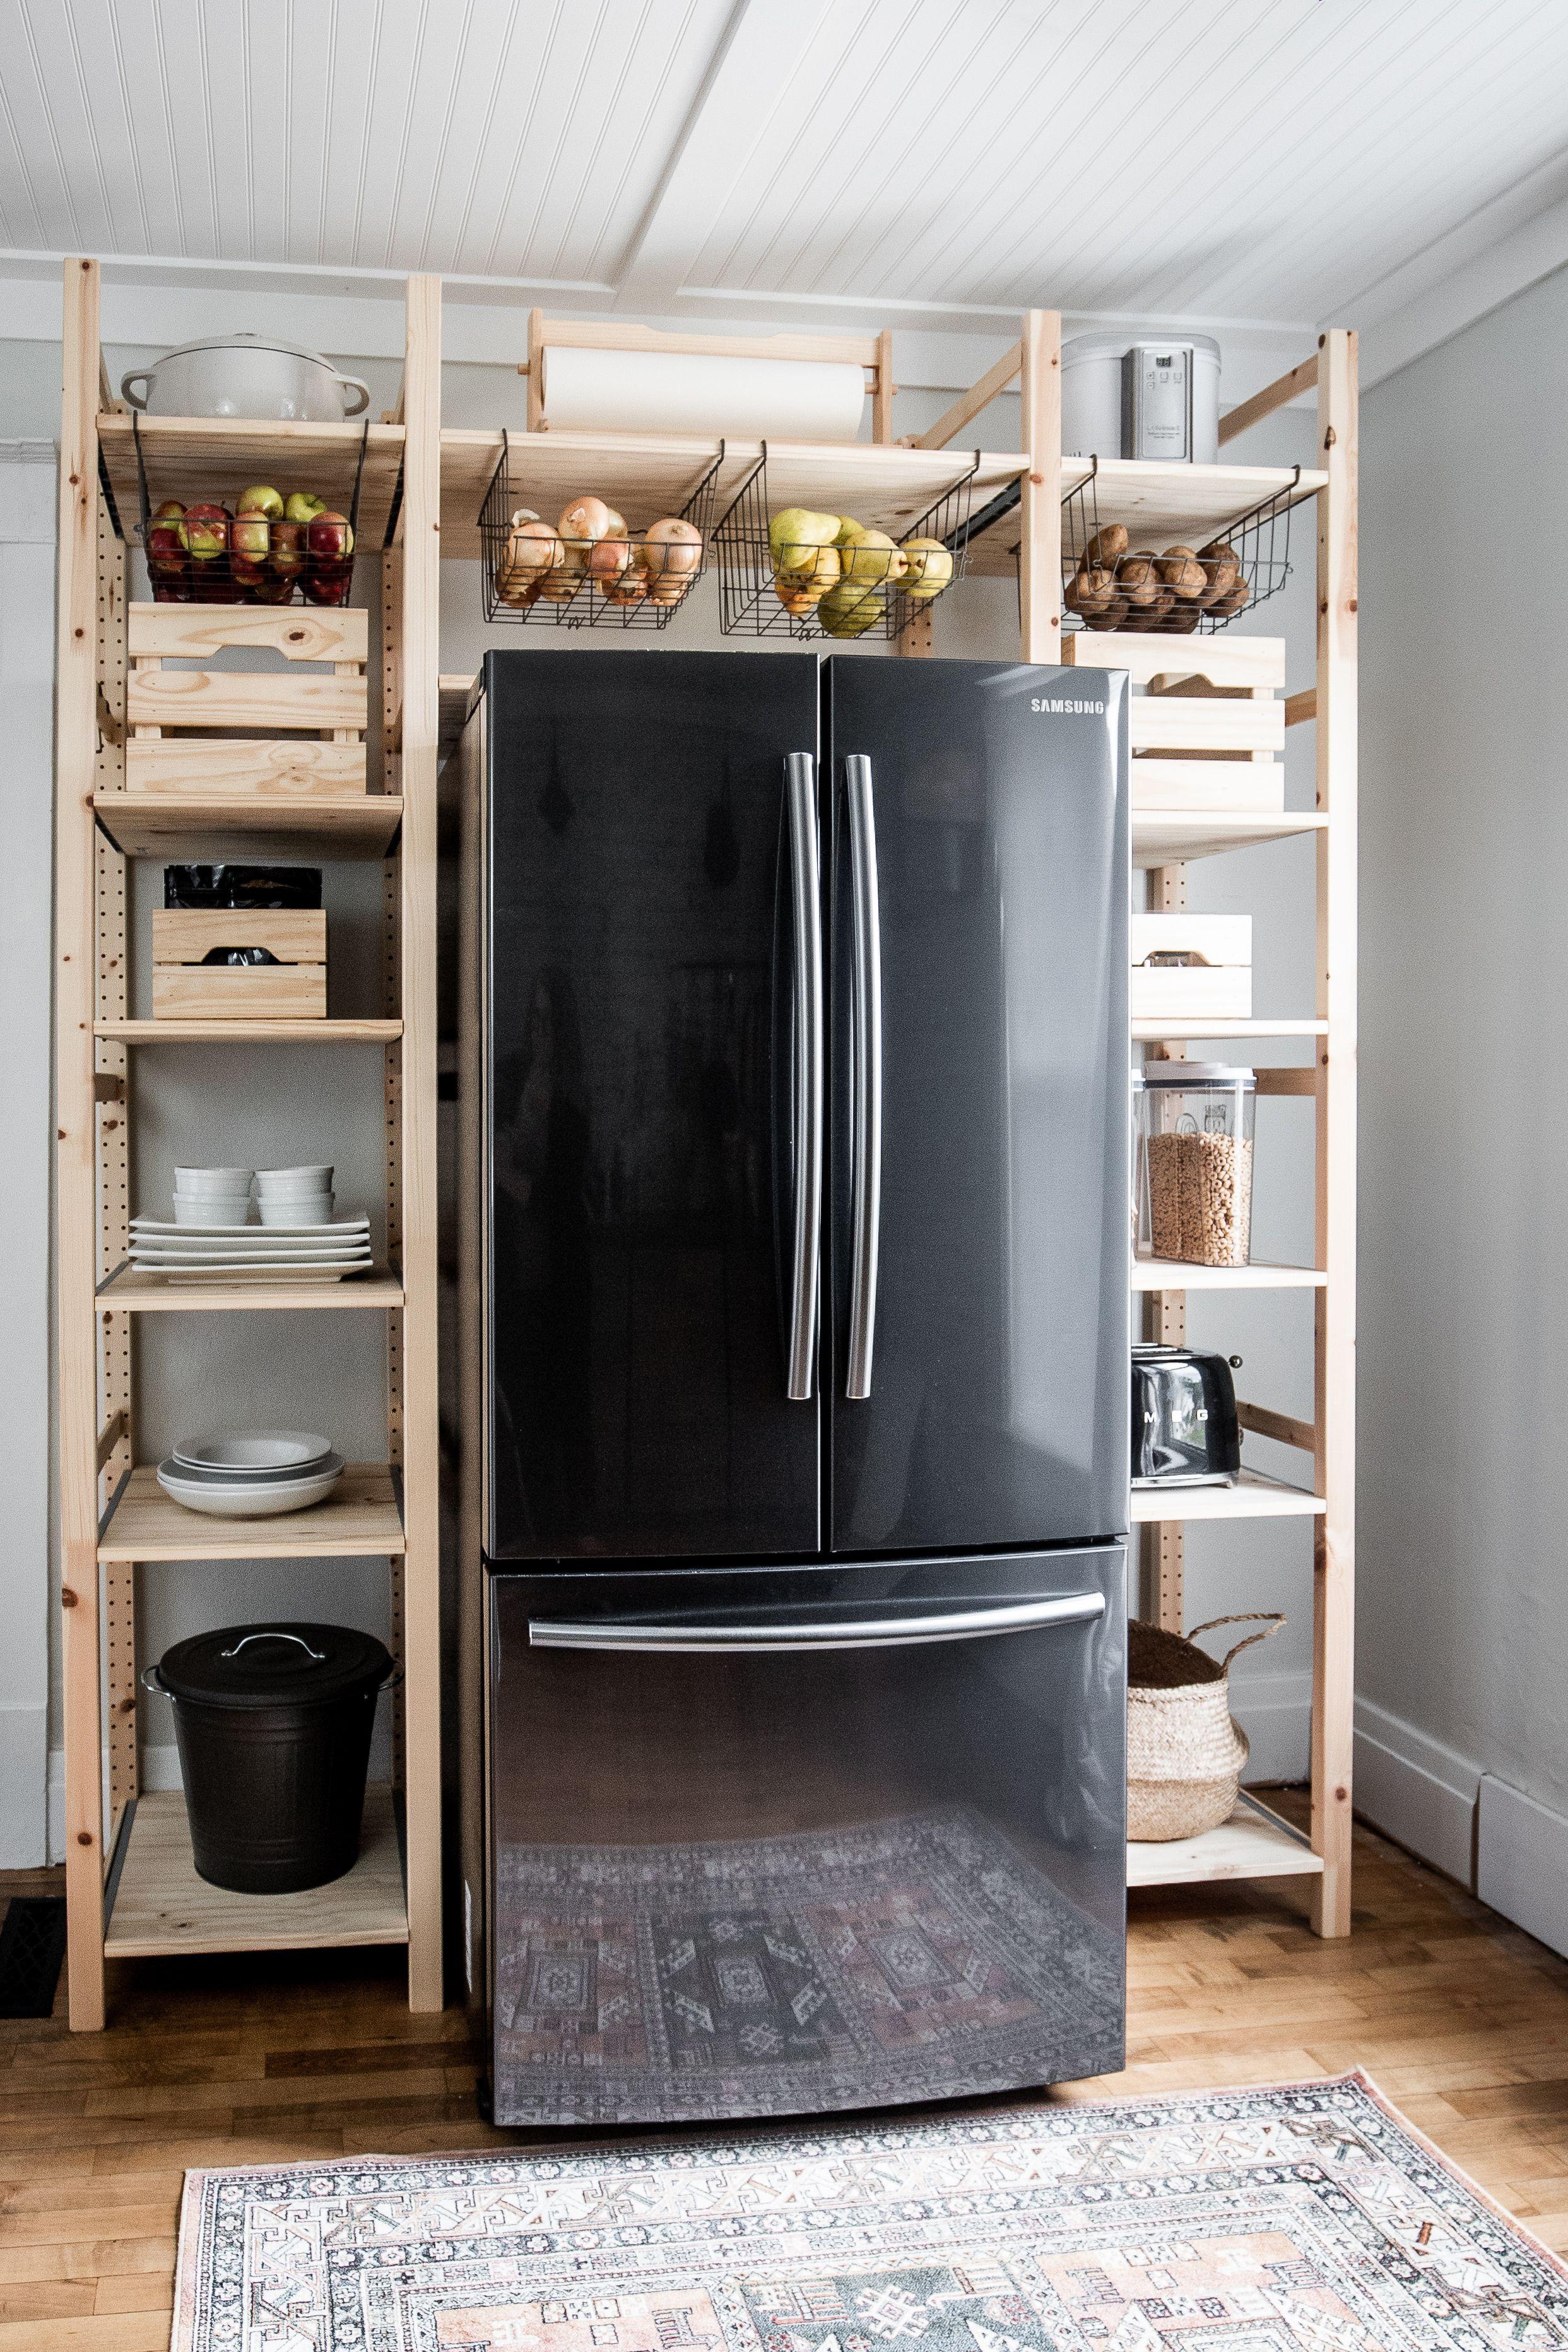 French door refrigerator samsung kitchen samsung